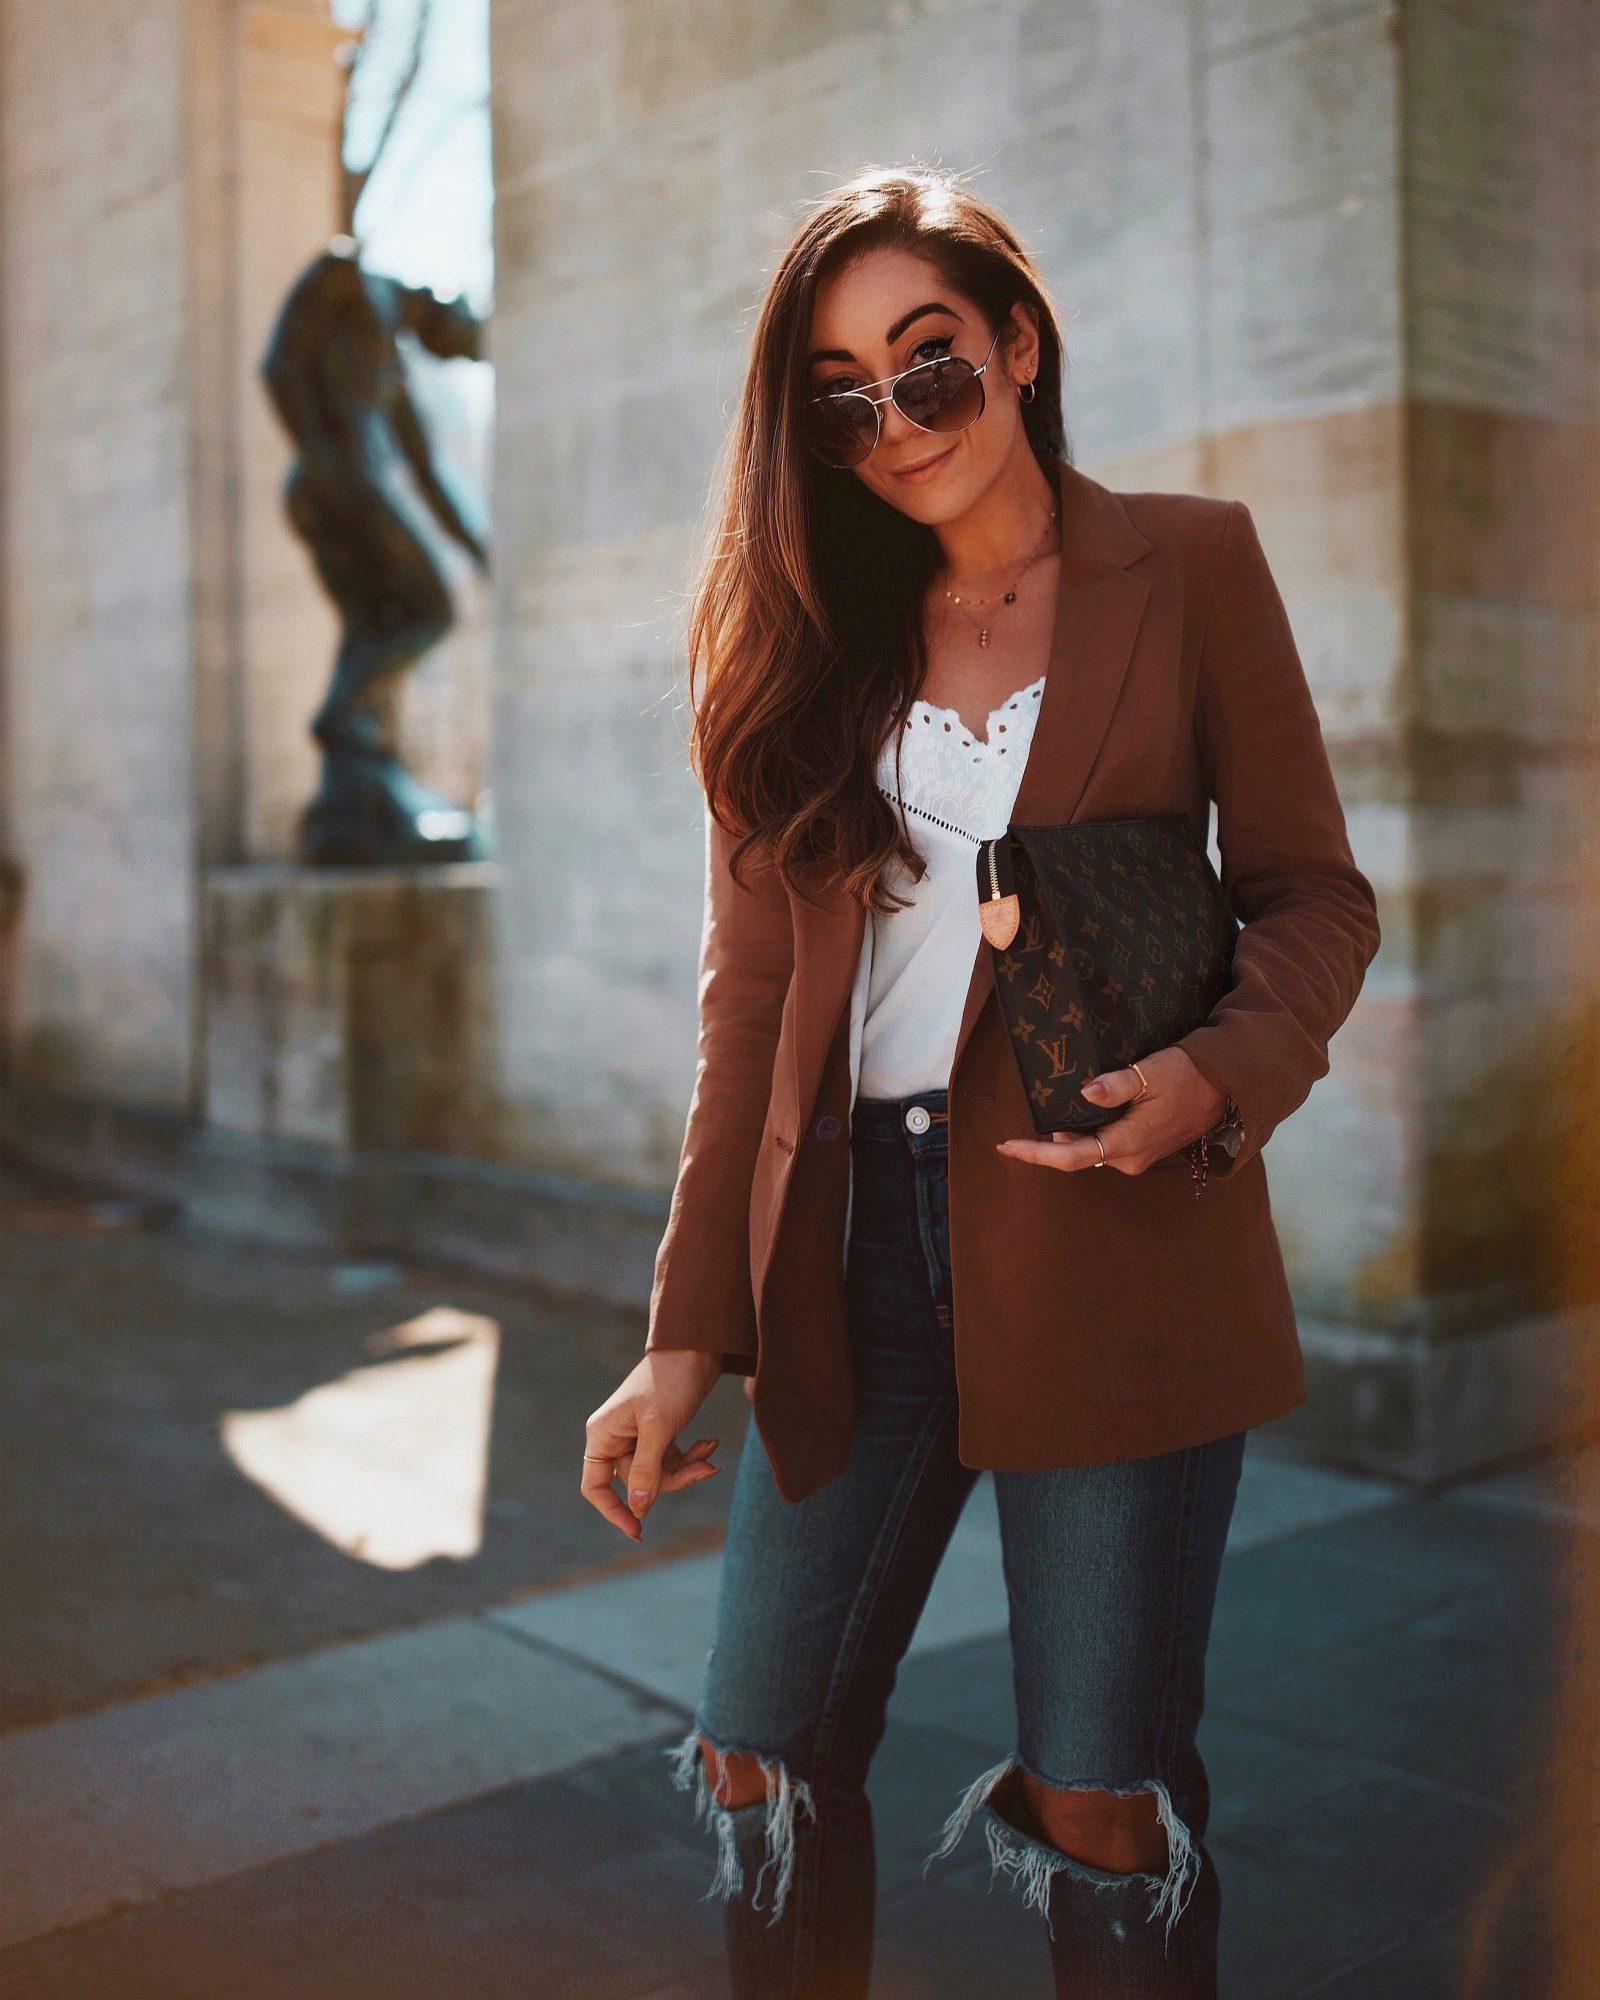 Style | Favorite Spring Look